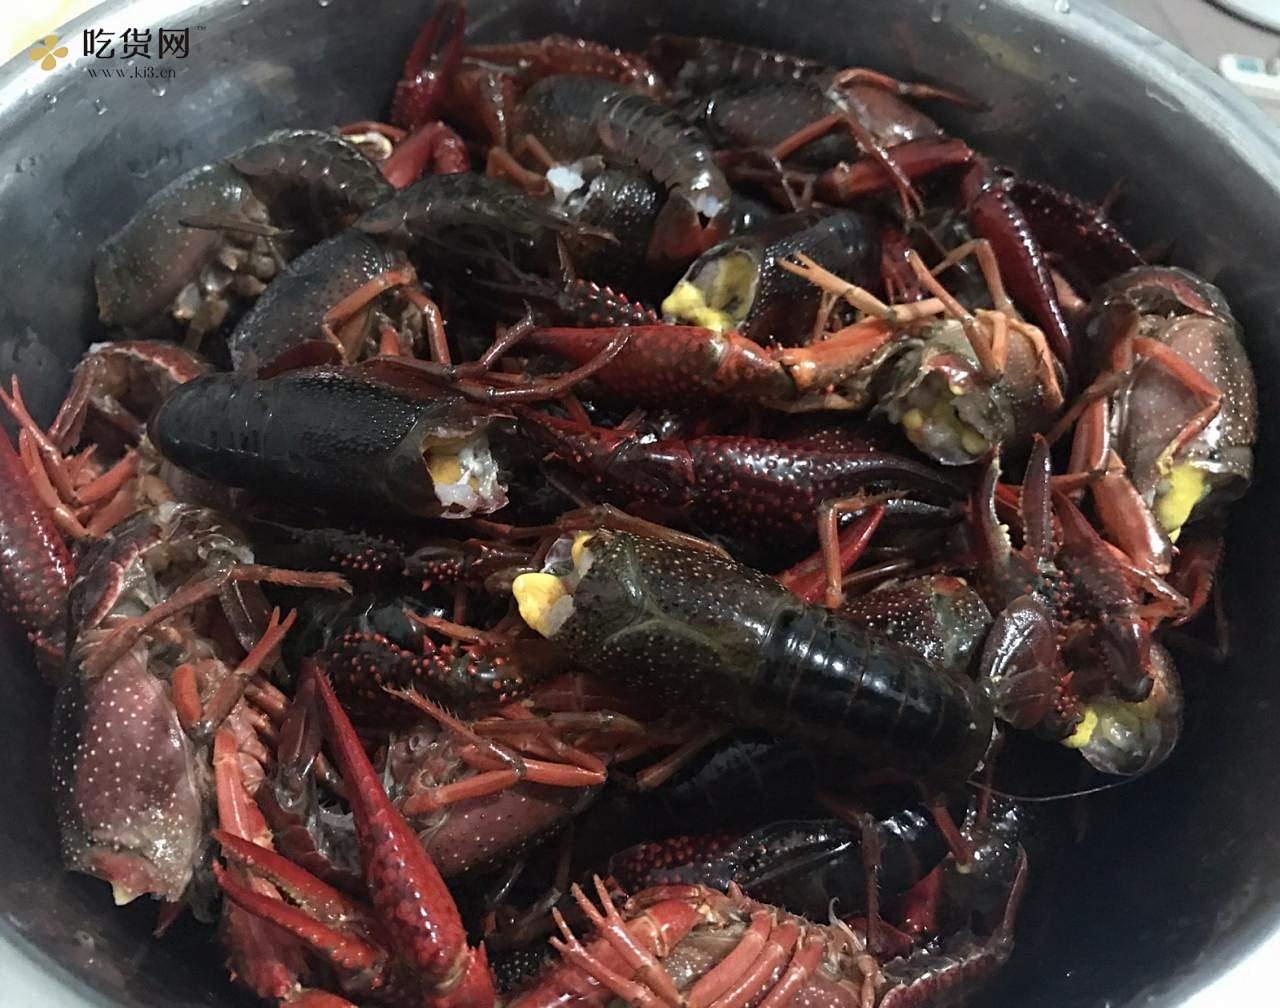 小龙虾比饭店还好吃的家常自制麻辣小龙虾的做法 步骤1